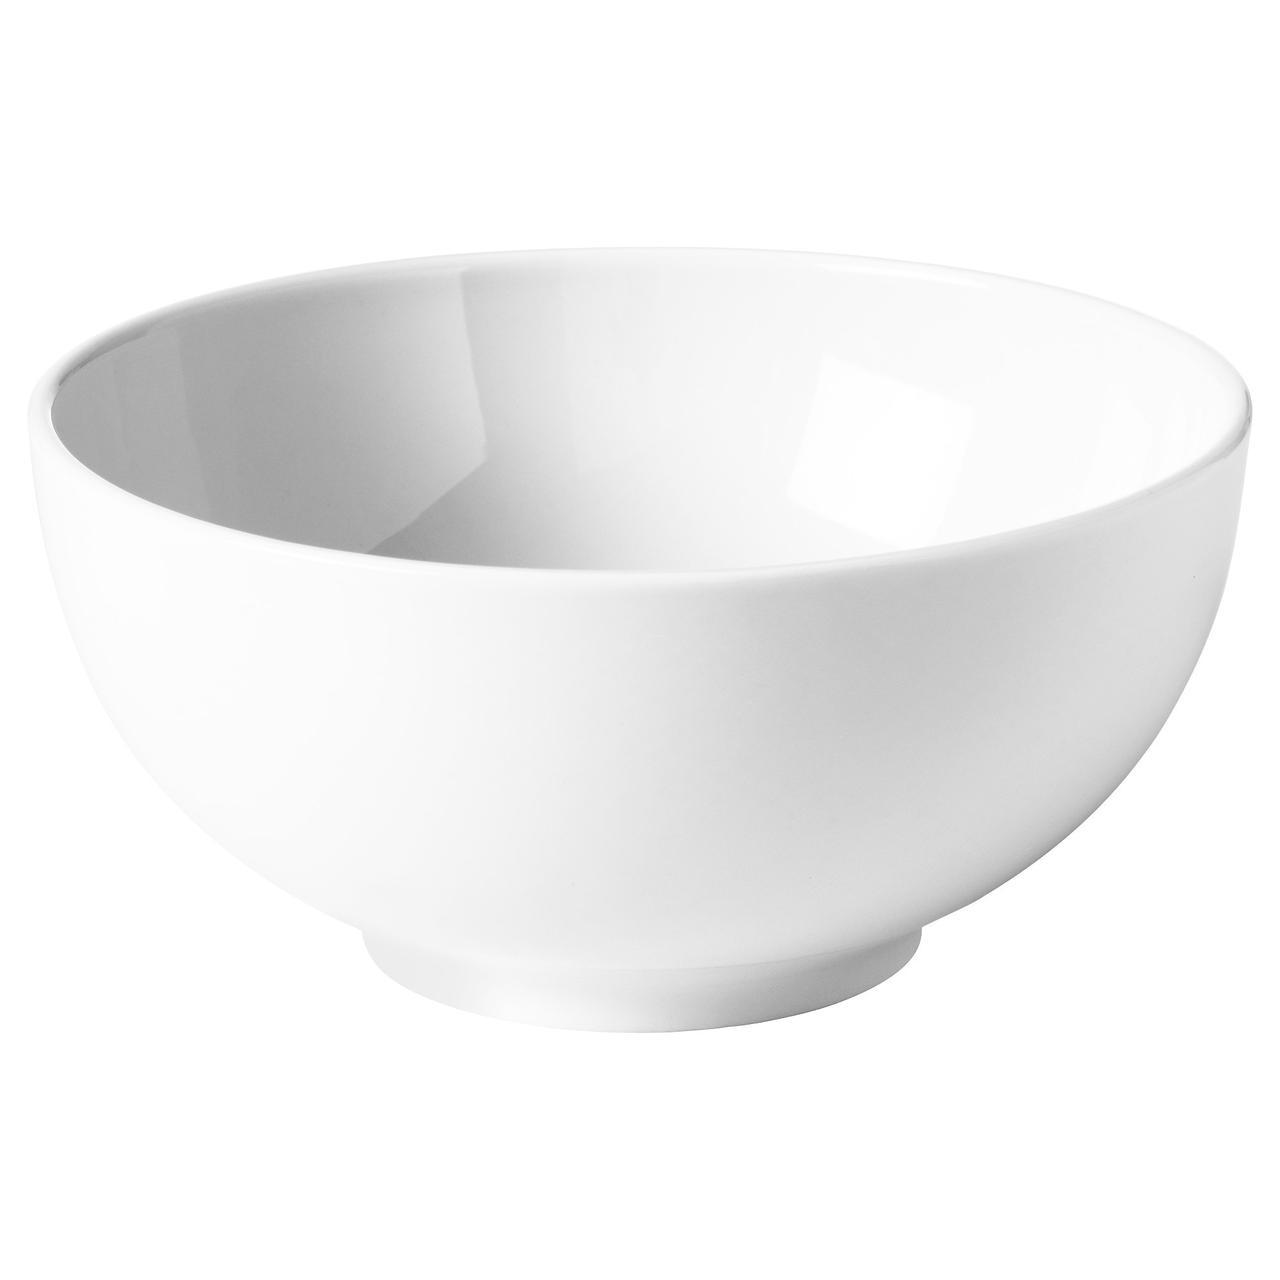 ИКЕА/365+ Миска, с округлыми стенками белый